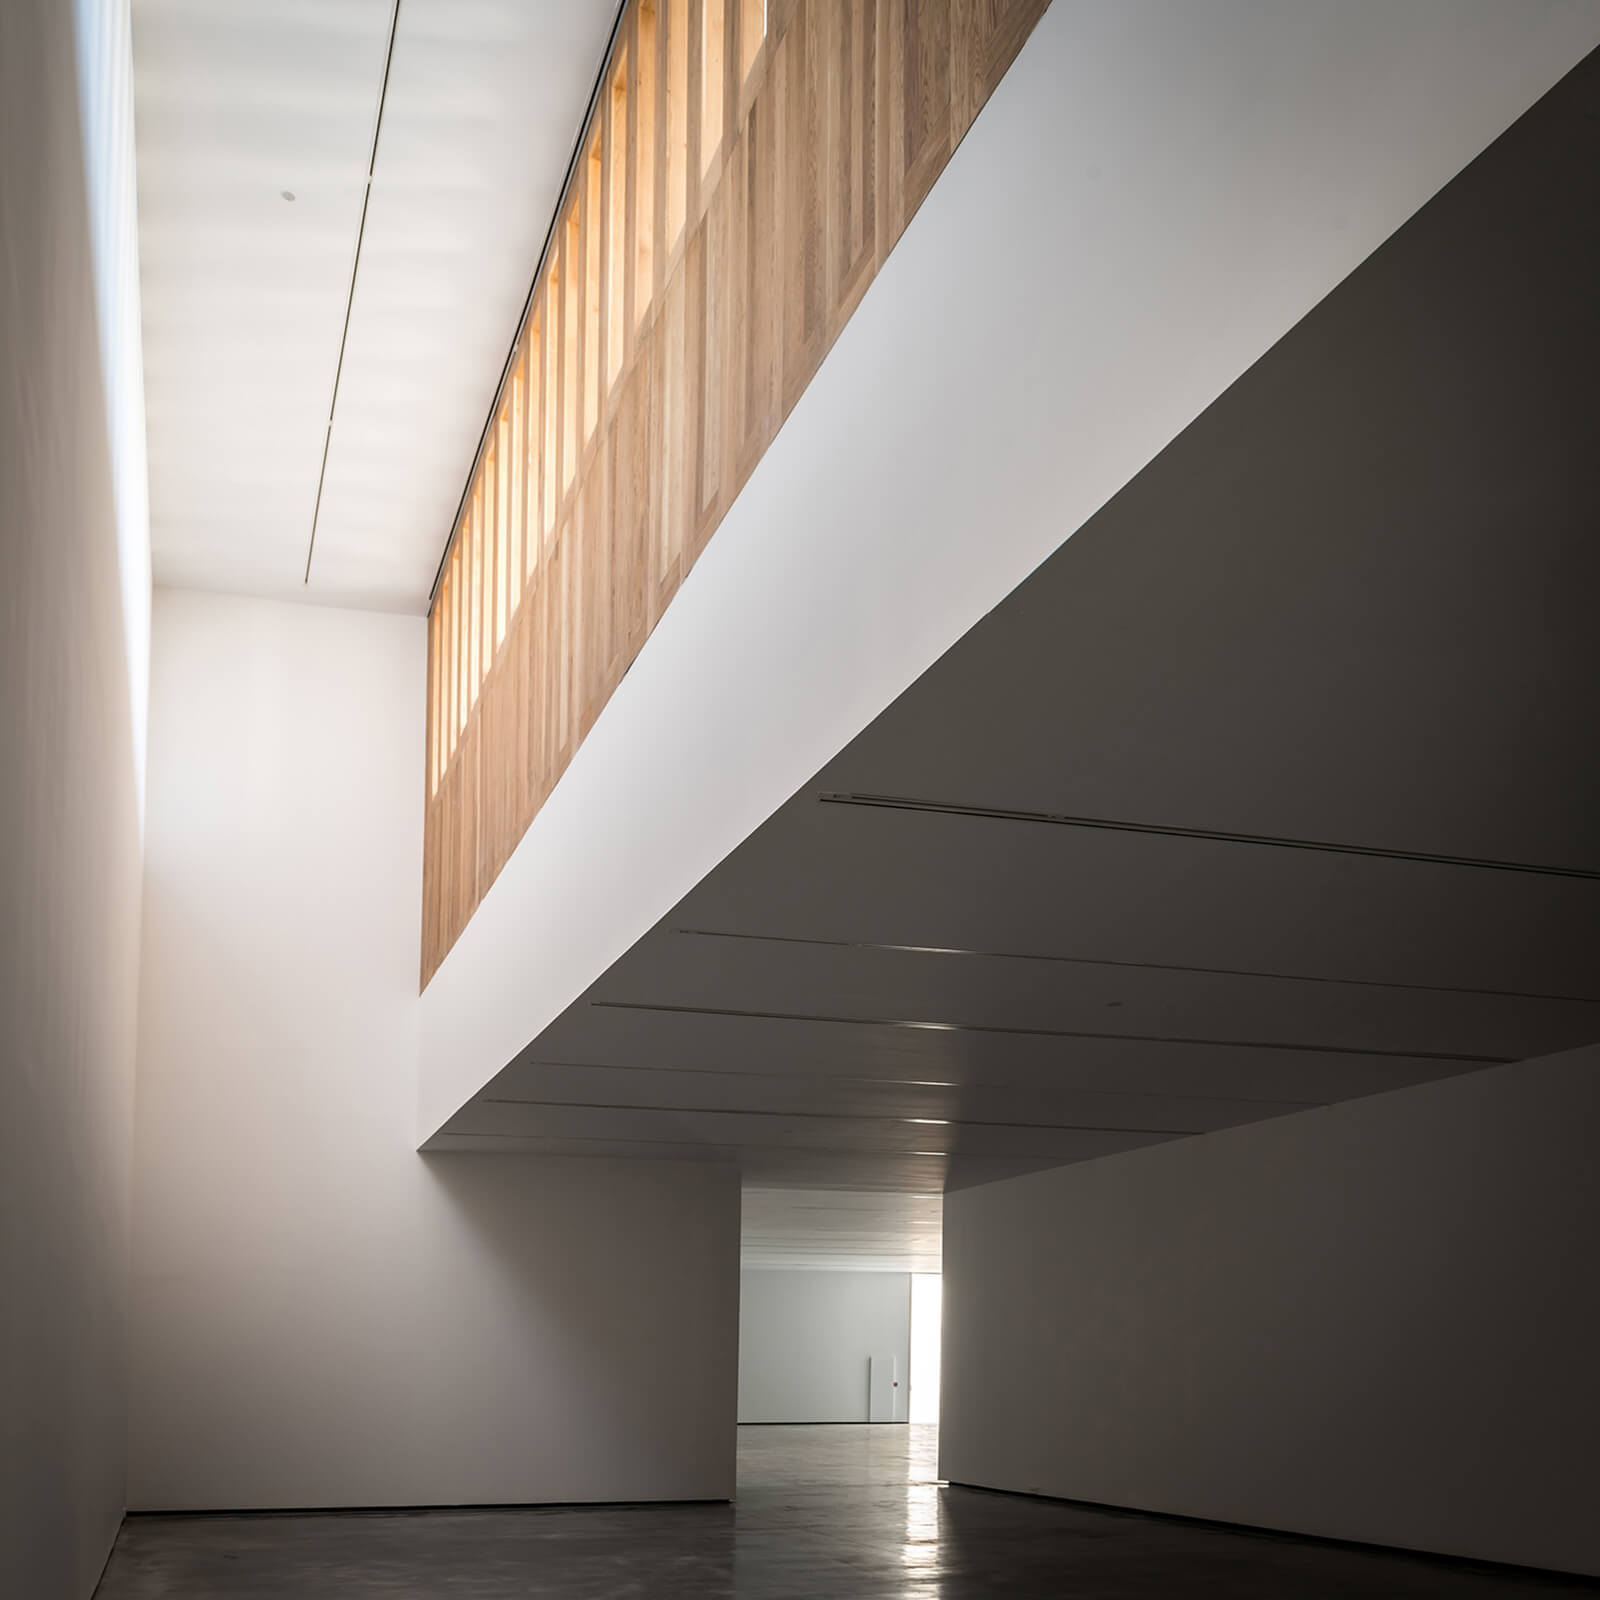 Museo de Arte Contemporáneo Helga de Alvear  - 10.2 54